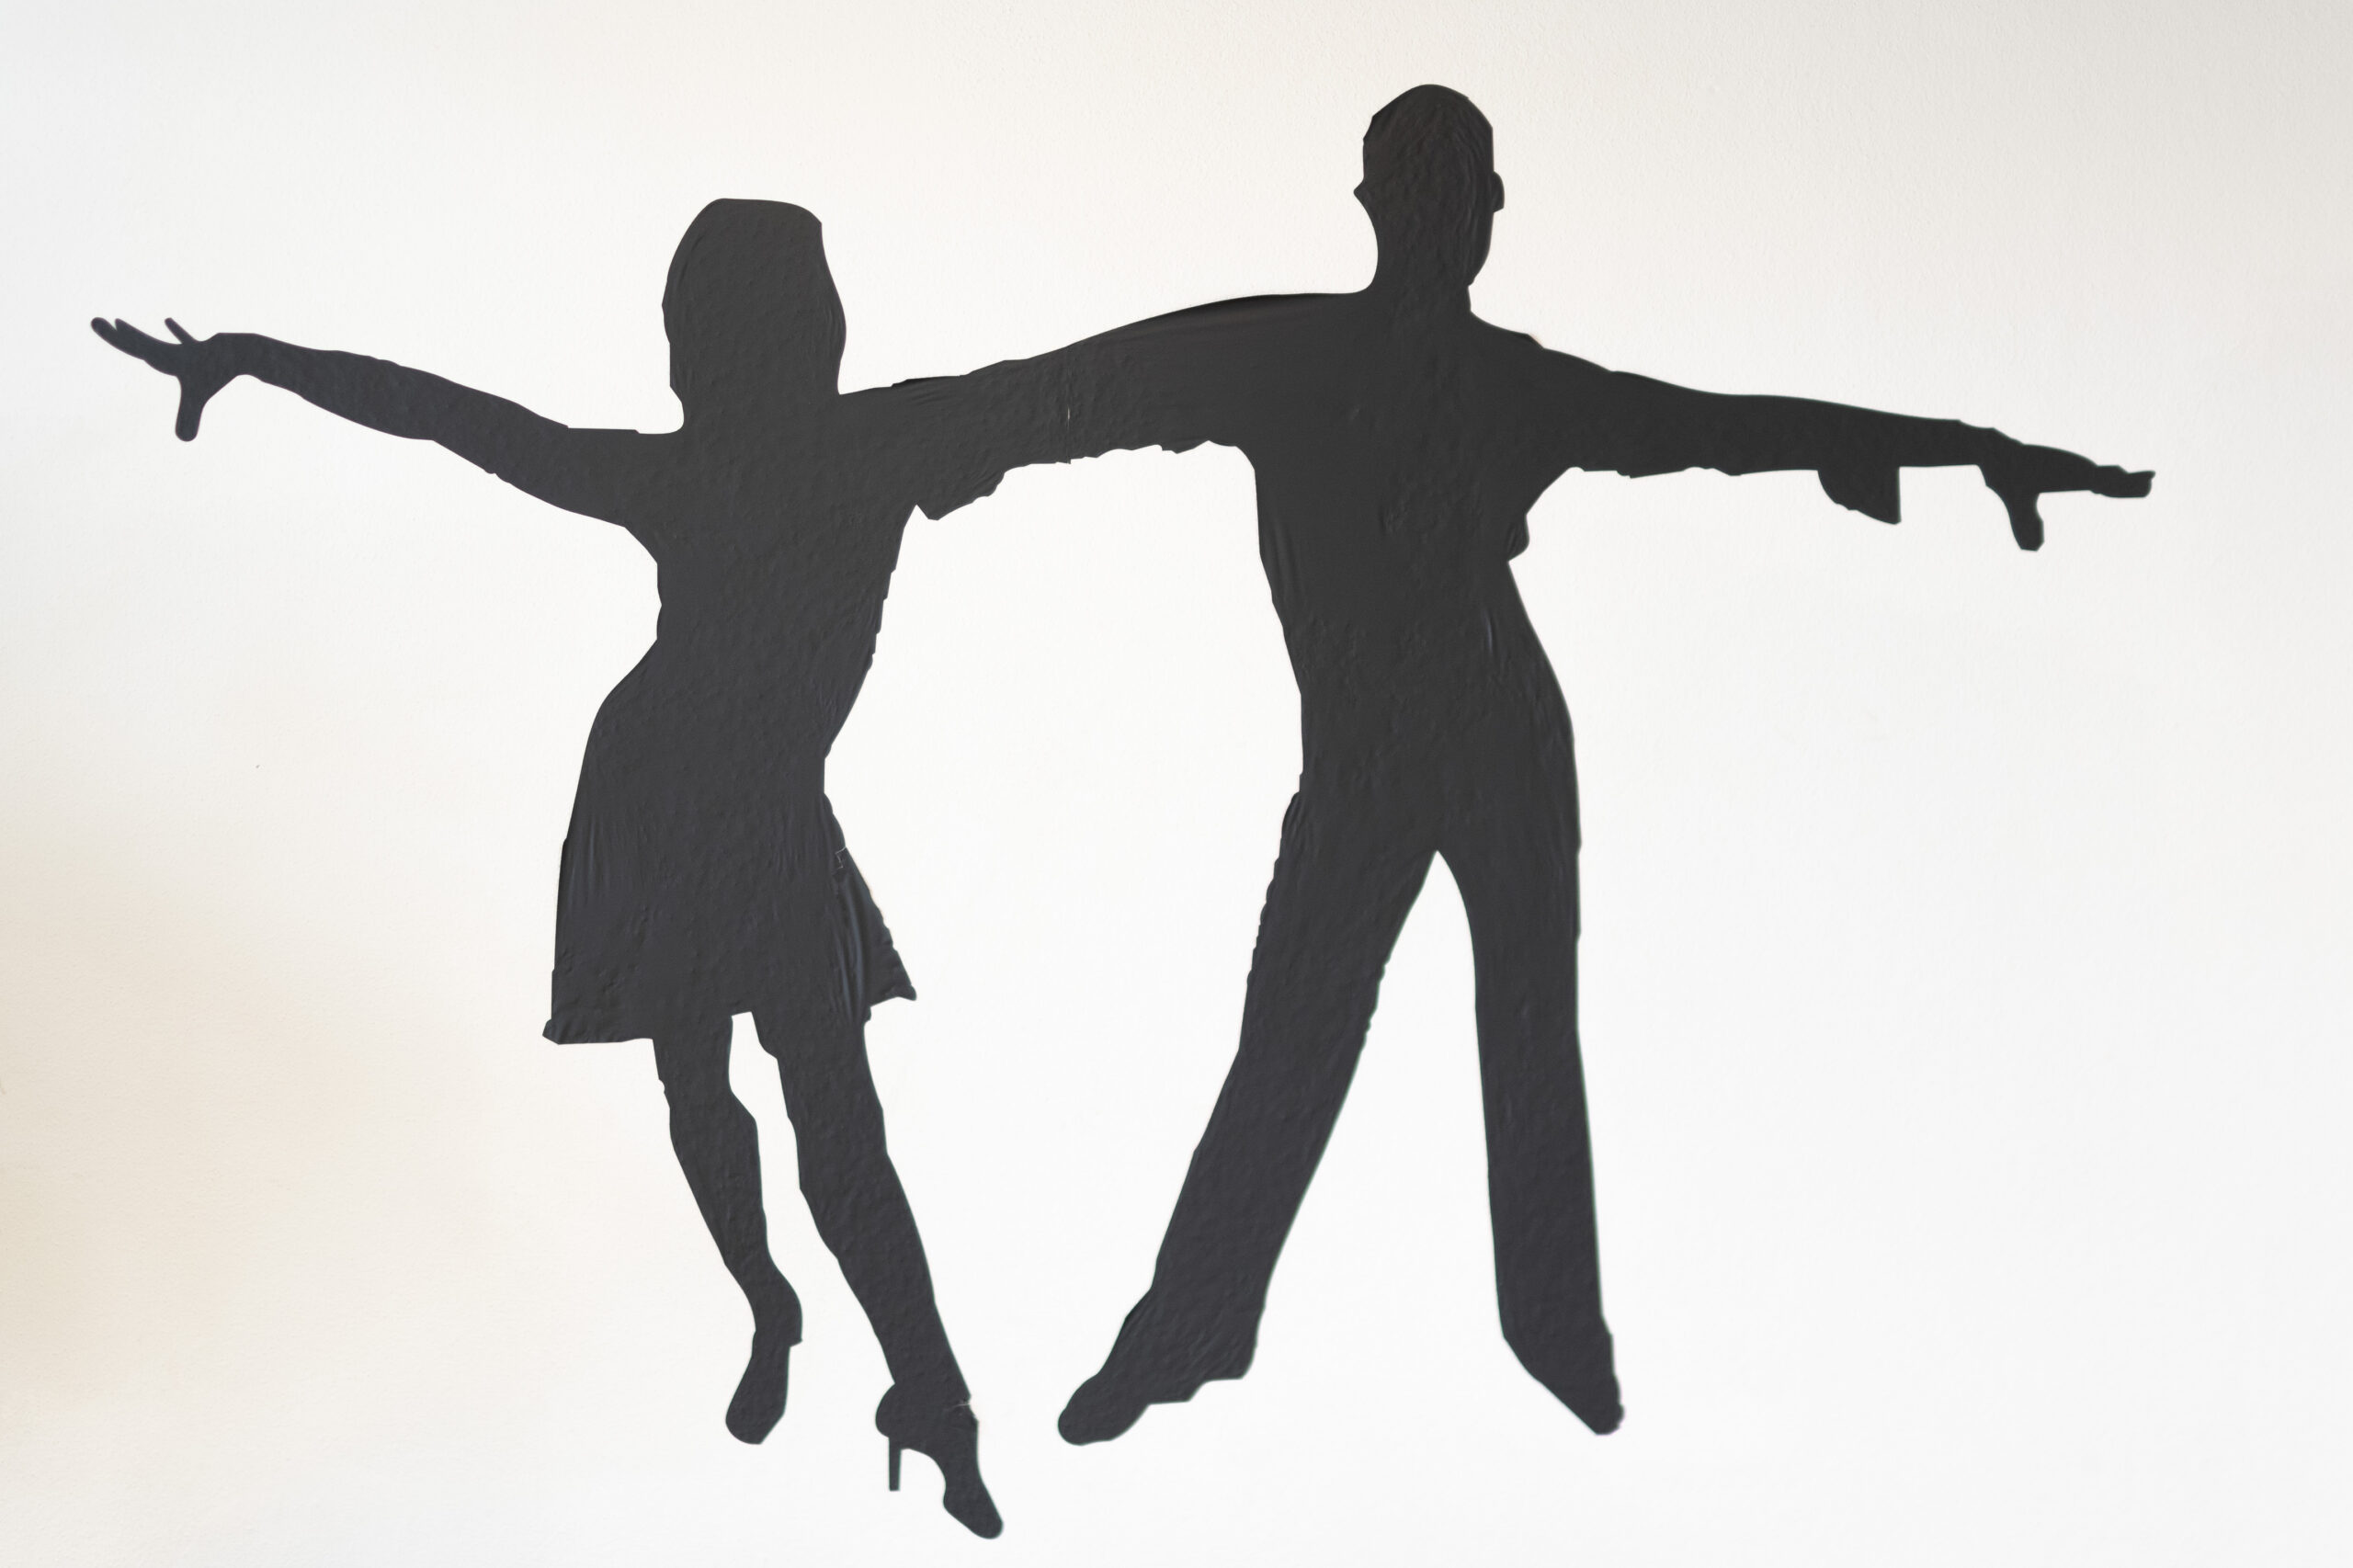 Tanzsport, Wiedereinstieg oder Ladys Style